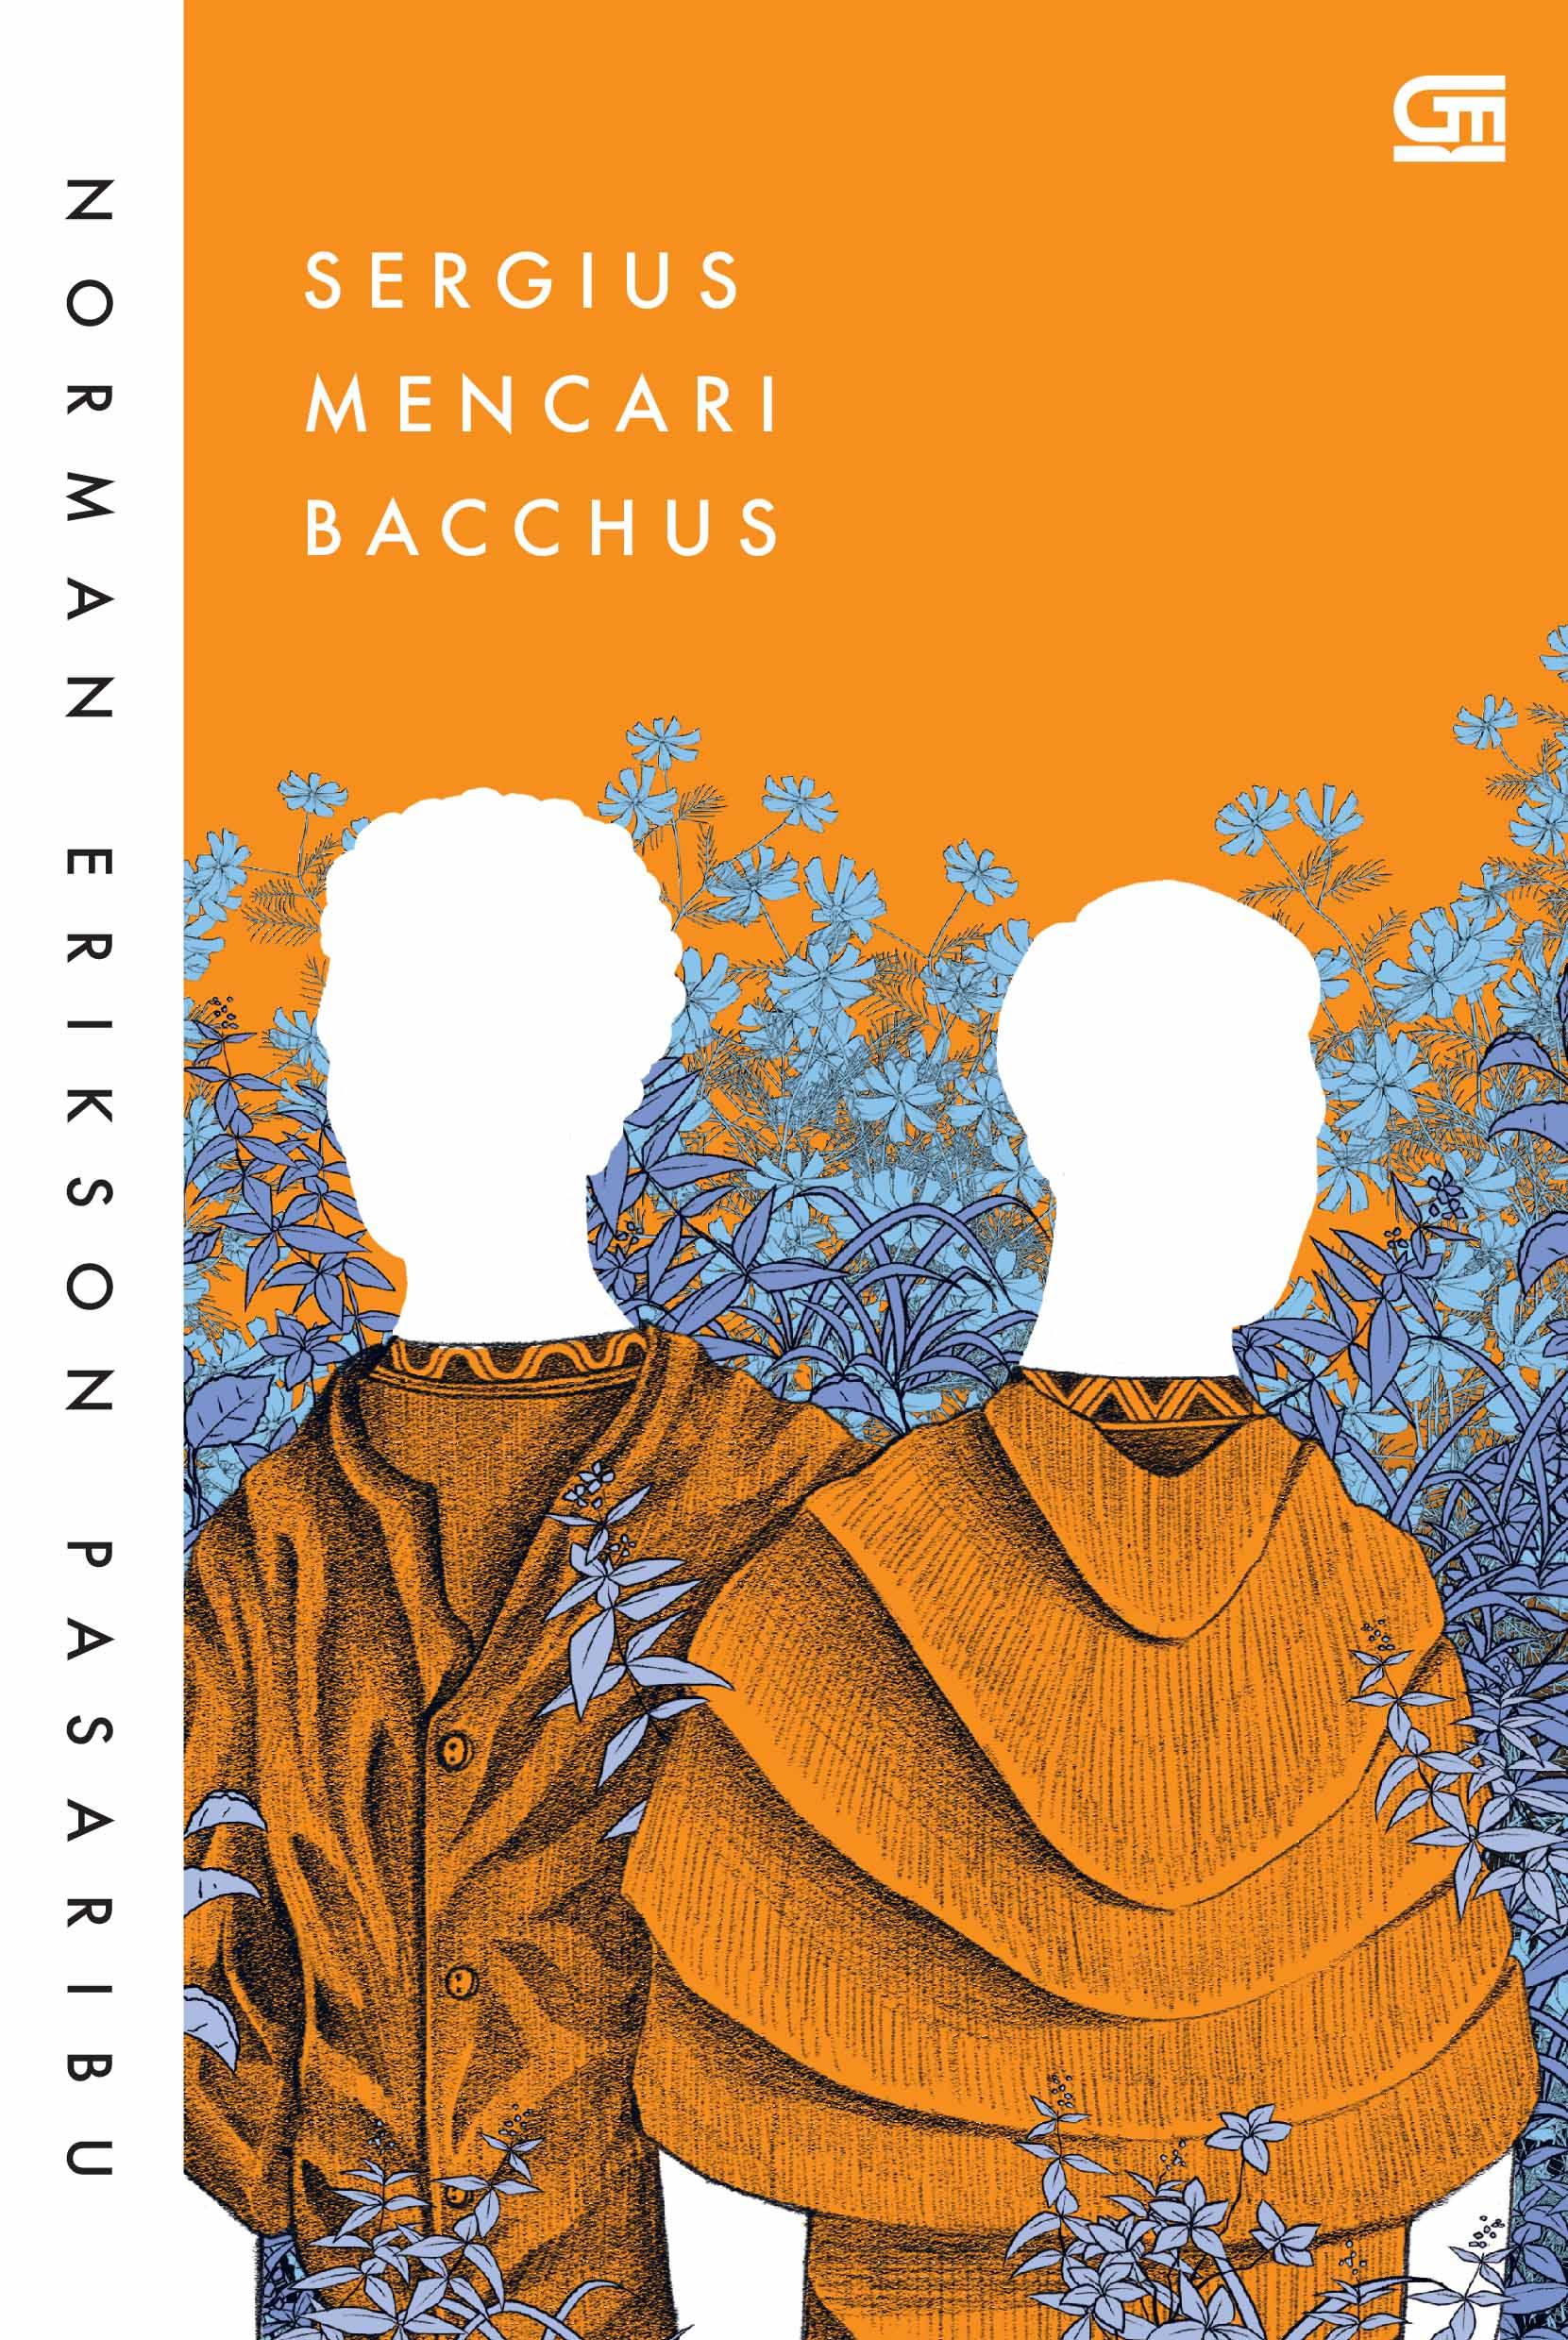 Sergius mencari Bacchus